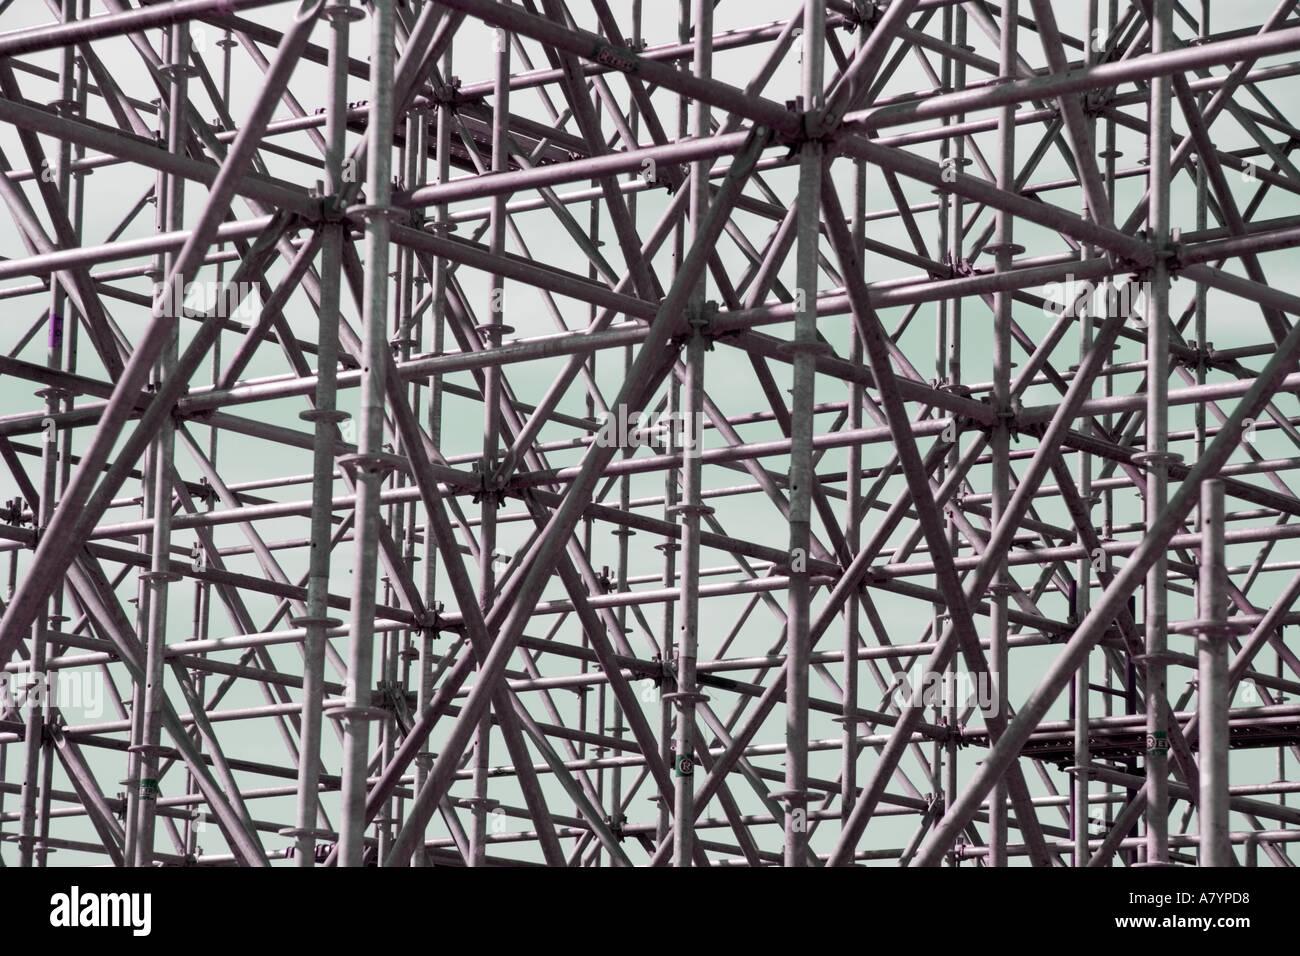 Muster von Gerüsten Stockbild